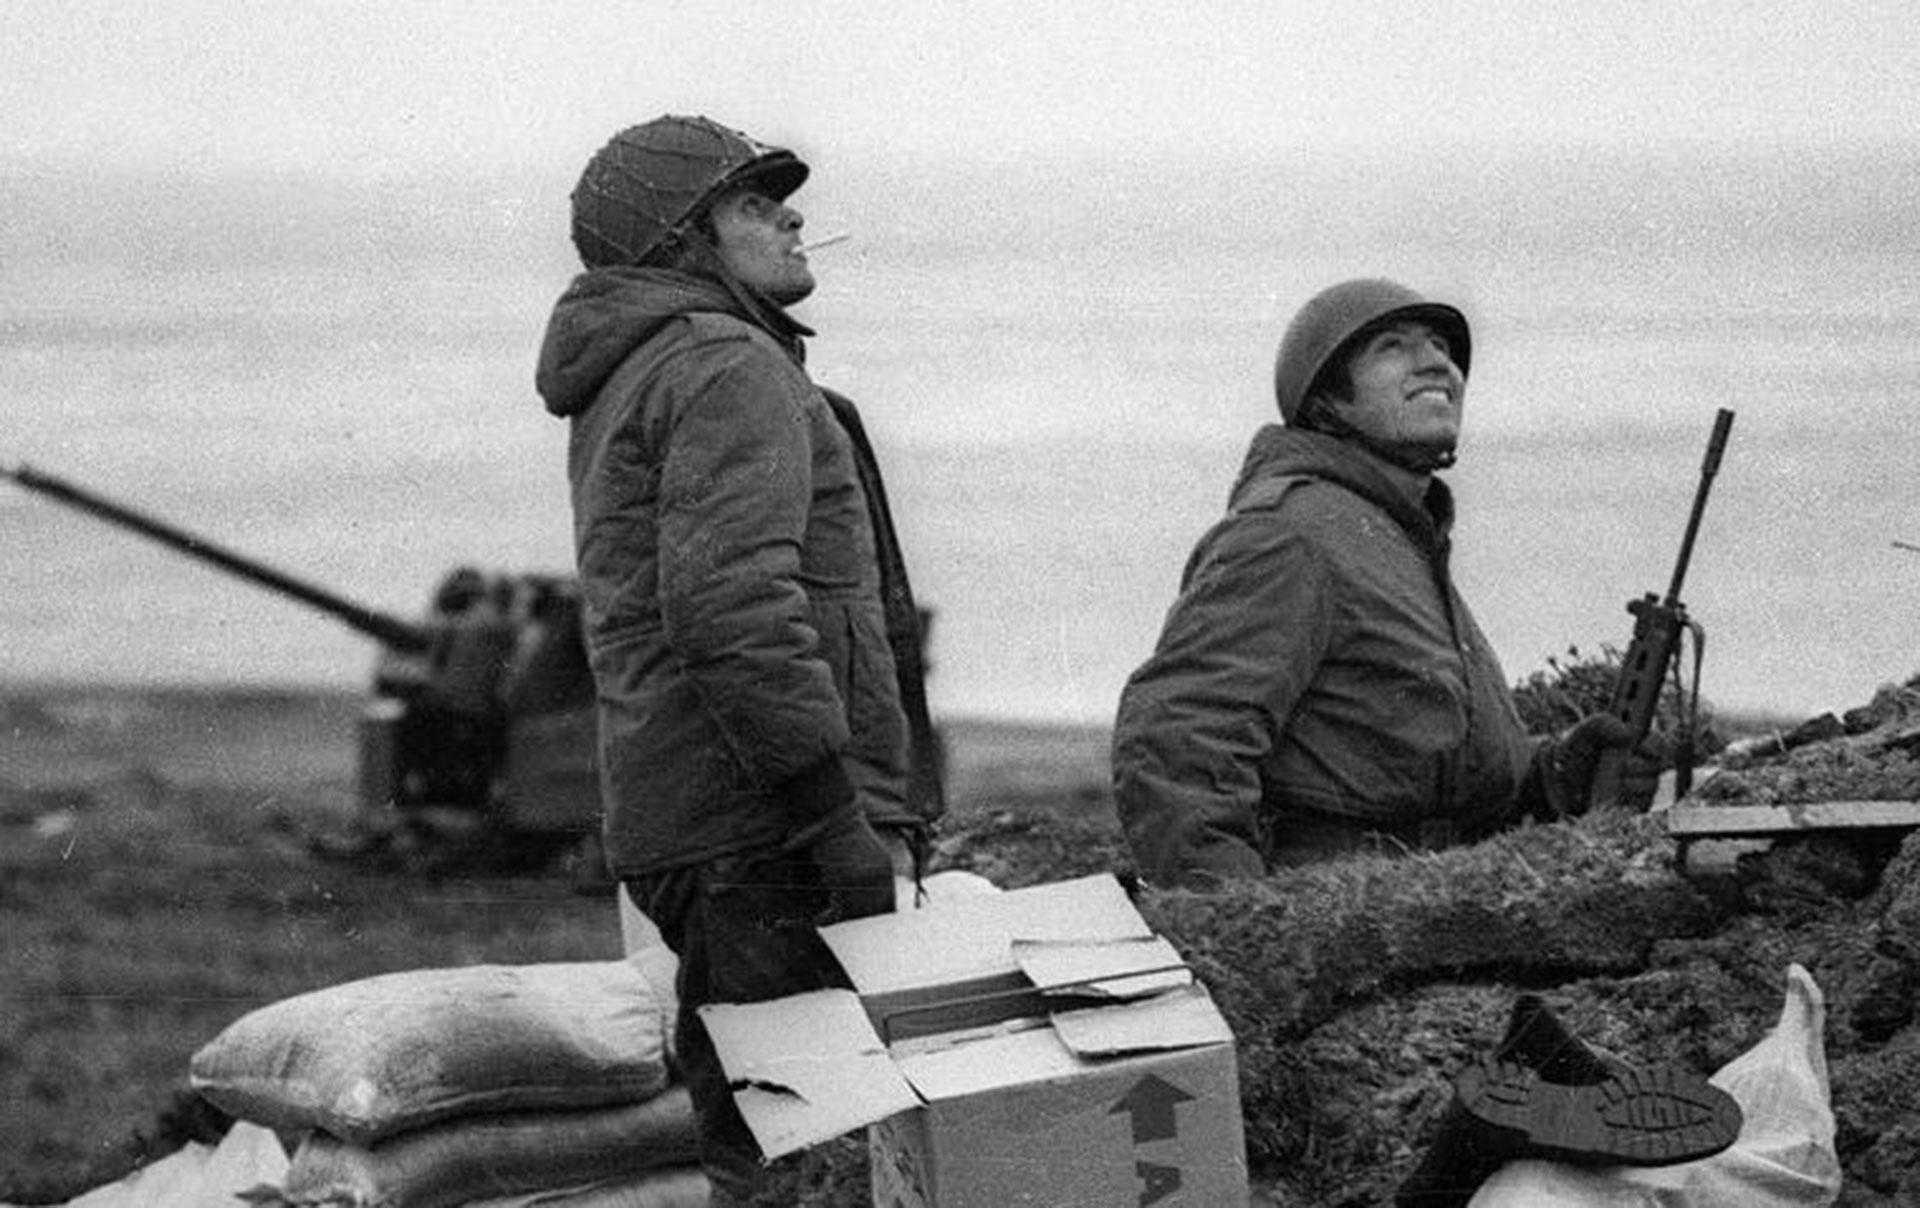 La guerra del Atlántico Sur enfrentó al Reino Unido y la Argentina por la soberanía de las Islas Malvinas, que aún están en disputa (Télam)